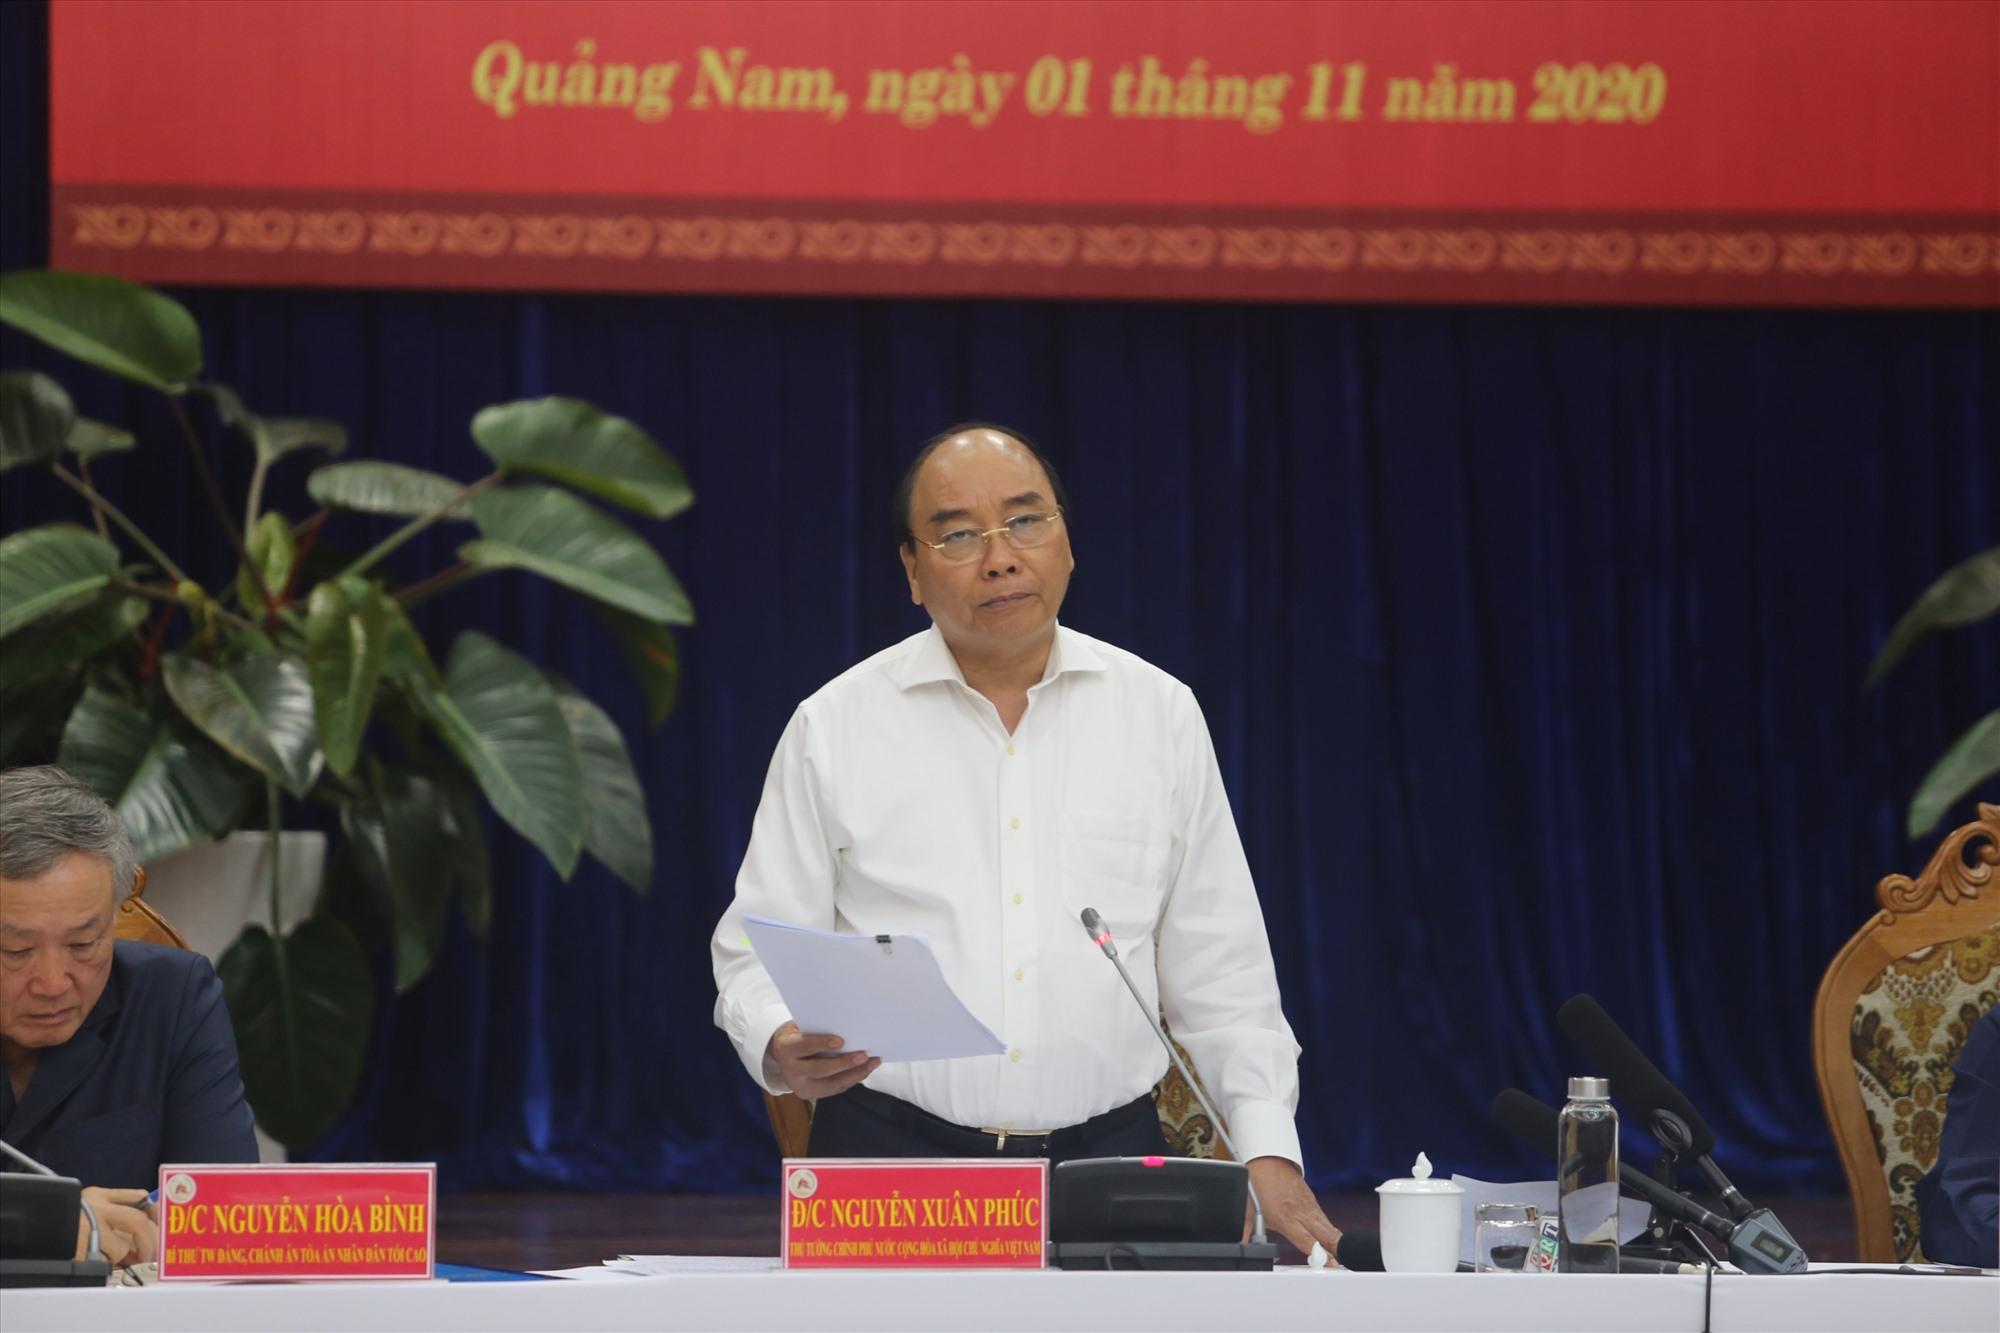 Thủ tướng Chính phủ Nguyễn Xuân Phúc phát biểu chỉ đạo cuộc họp.